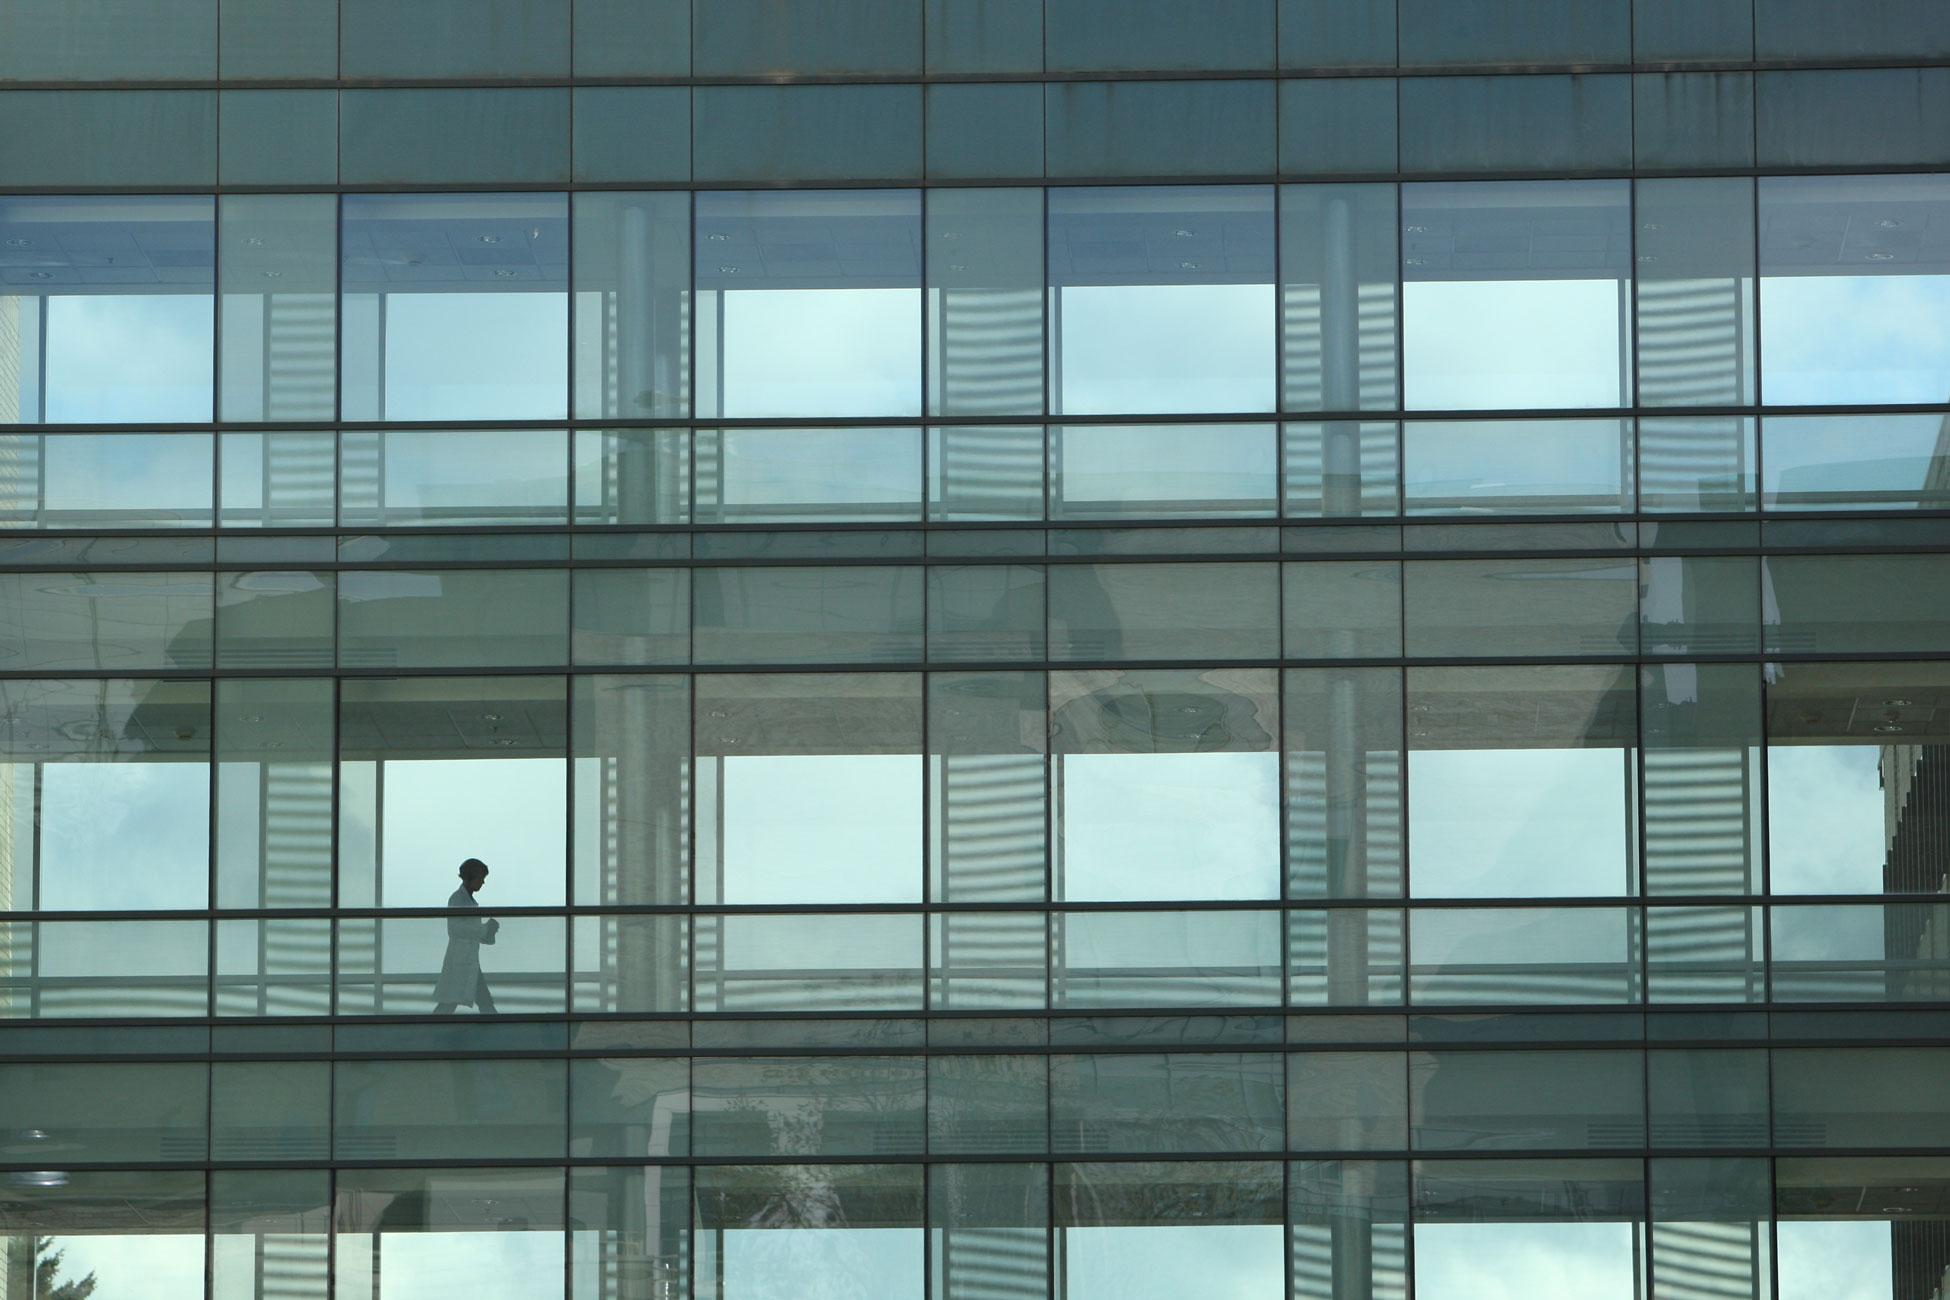 A person walking across the BICC bridge